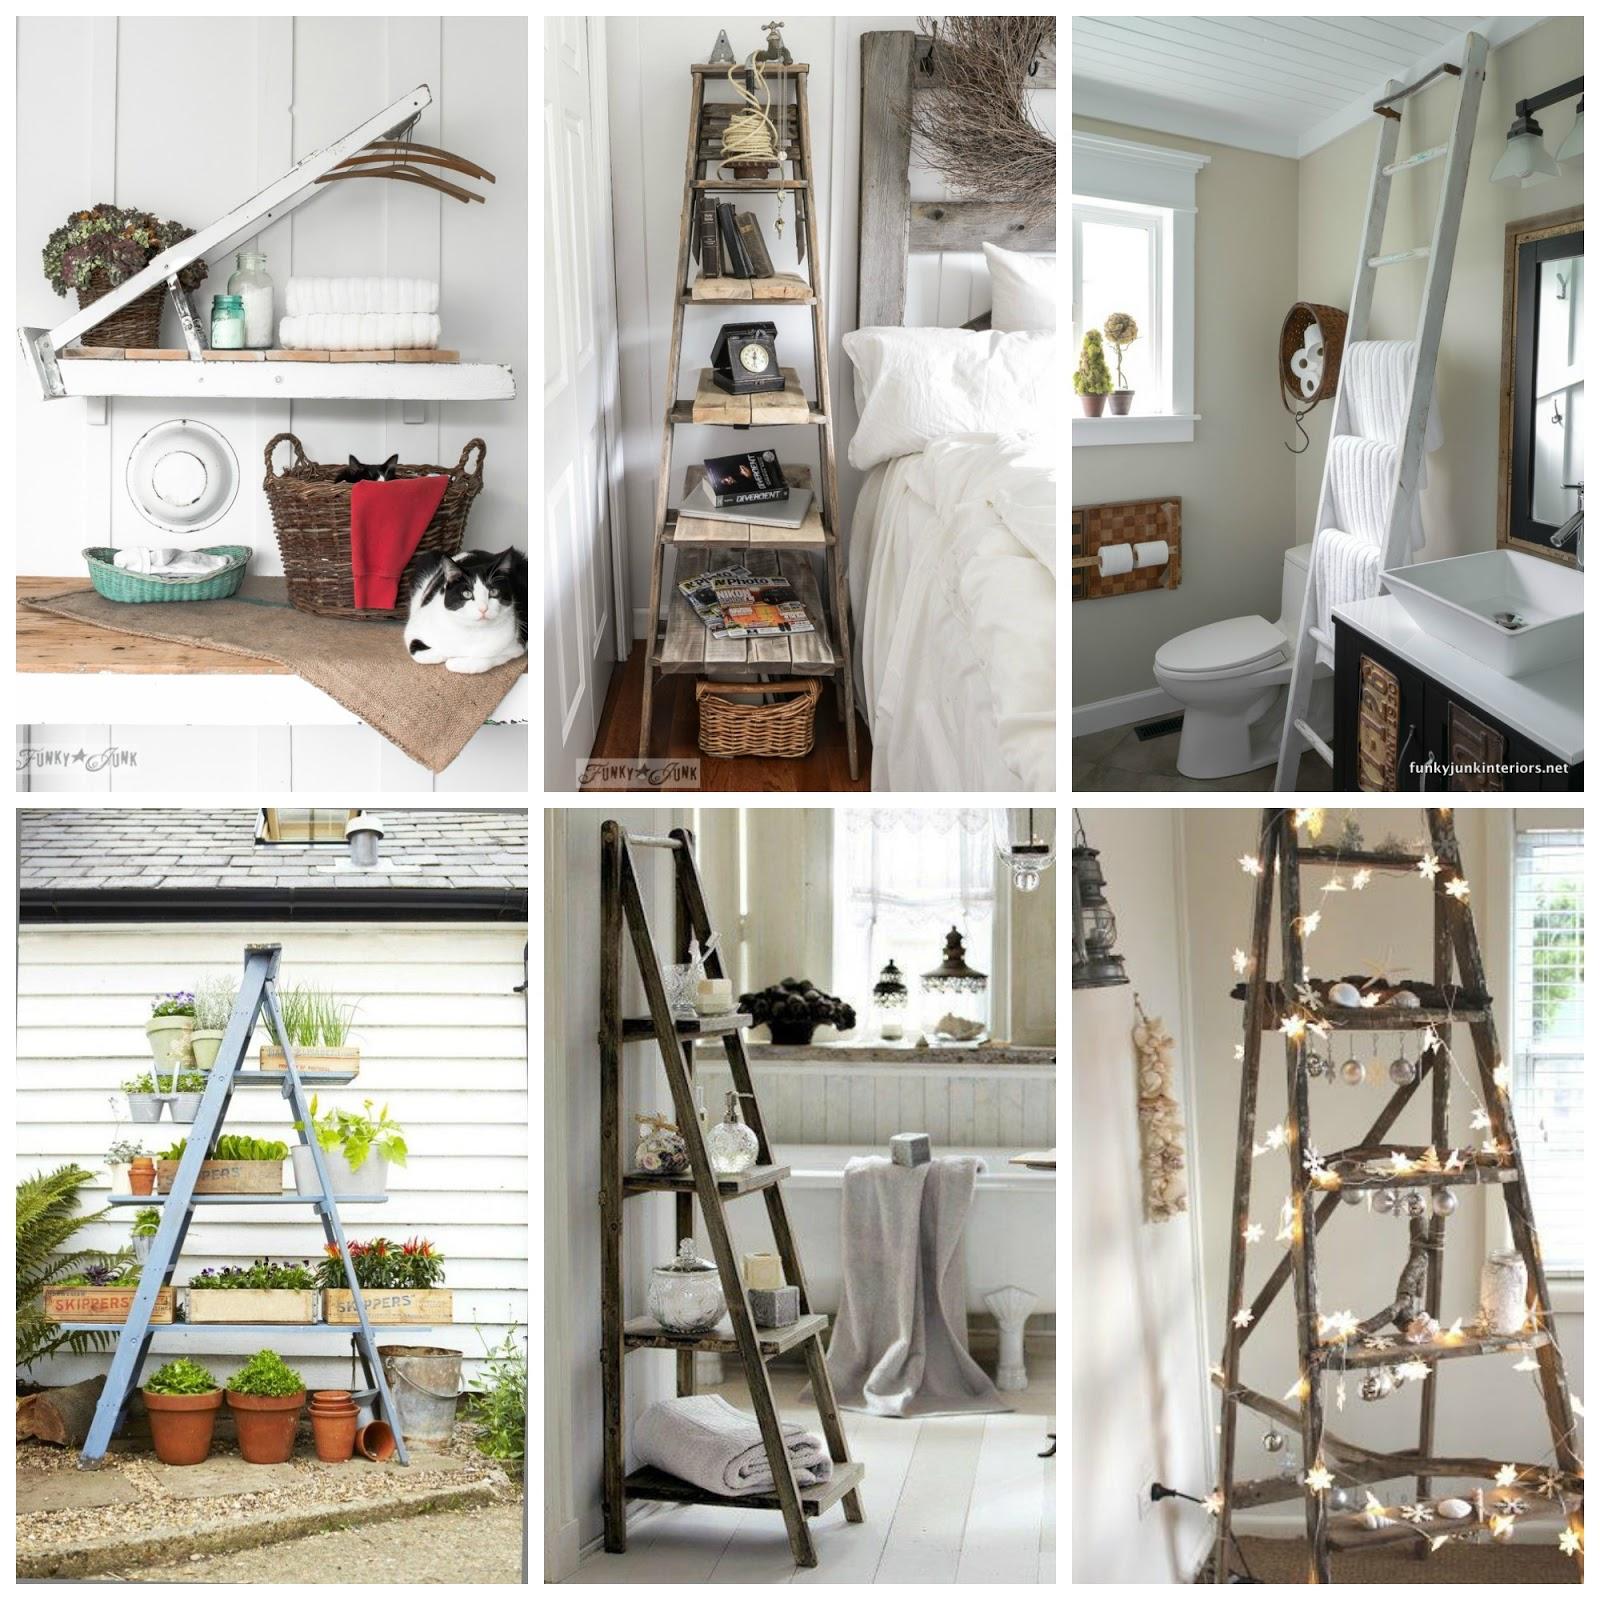 20 idee per riciclare vecchie scale di legno donneinpink - Idee per riciclare ...